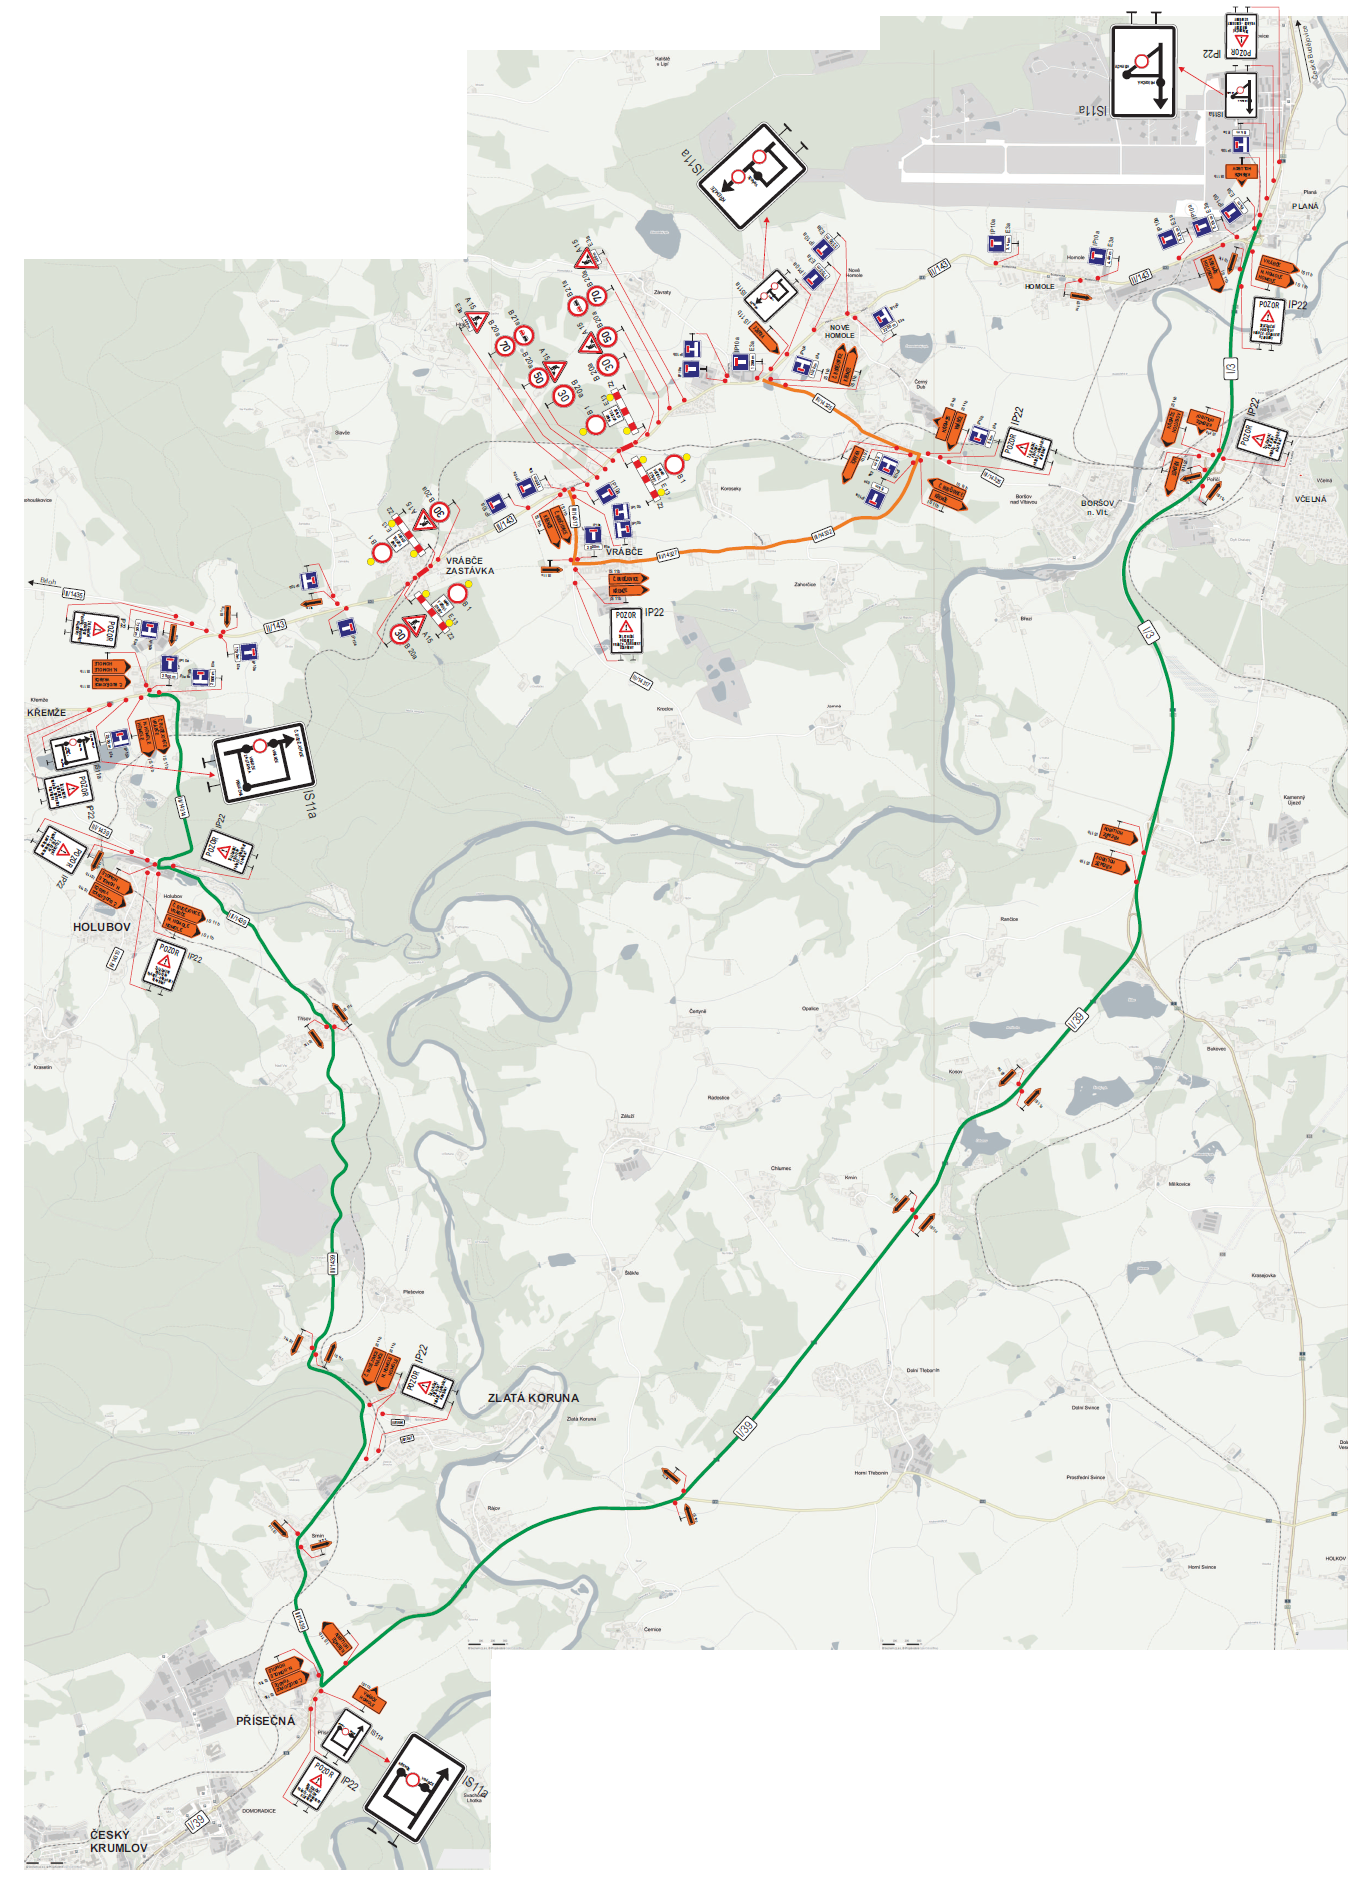 Vlastní uzavírka a objízdné trasy pro ostatní vozidla jsou značené viz.  příloha DIO Koroseky – Vrábče. 0b9b5b9734336